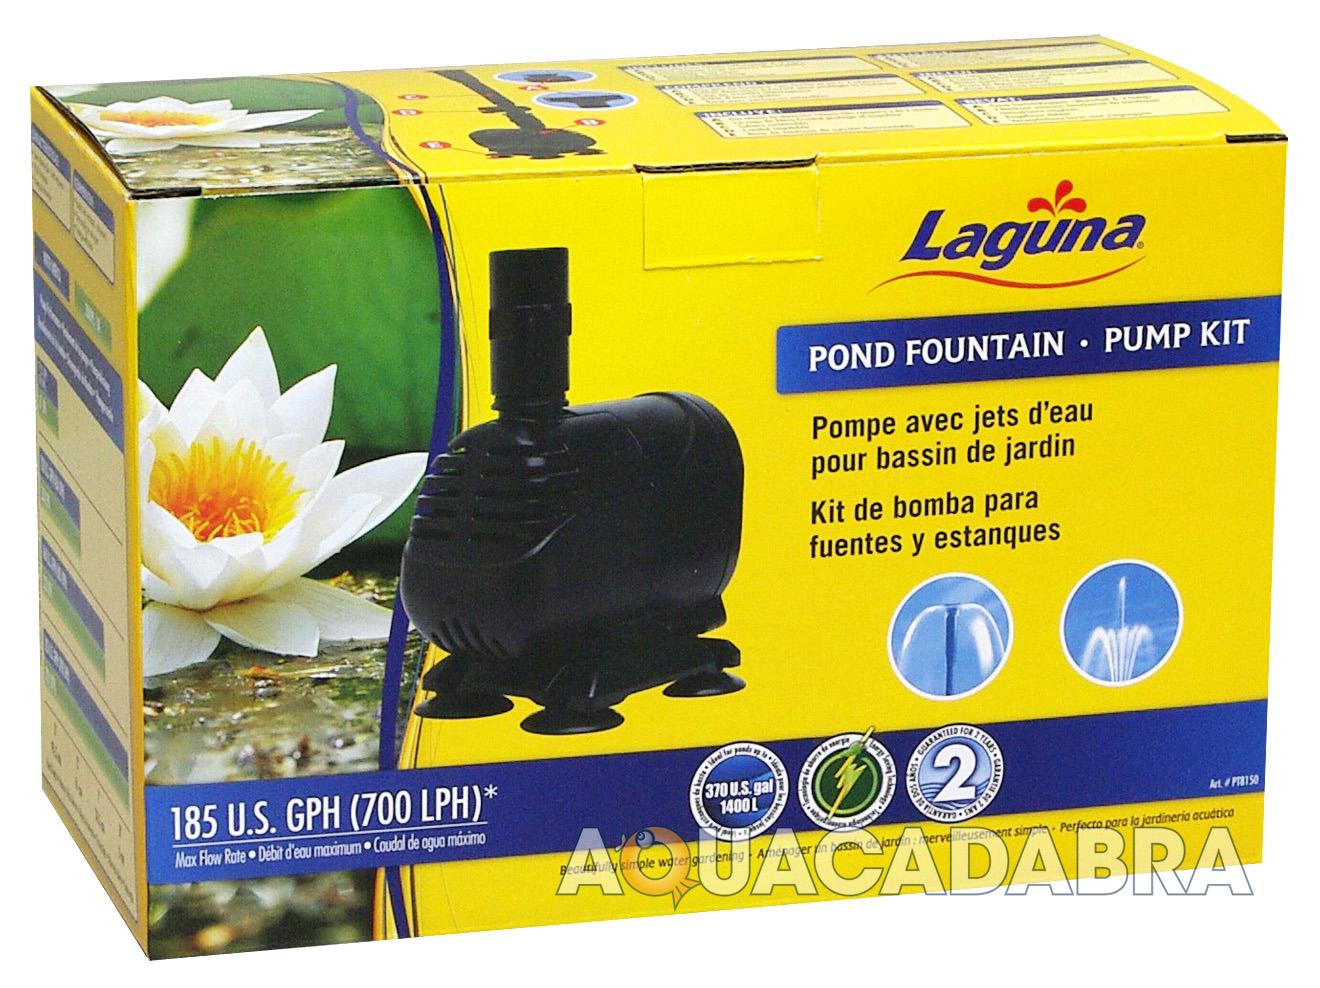 Laguna pond fountain pump kit 700 lph garden goldfish fish for Goldfish pond kits